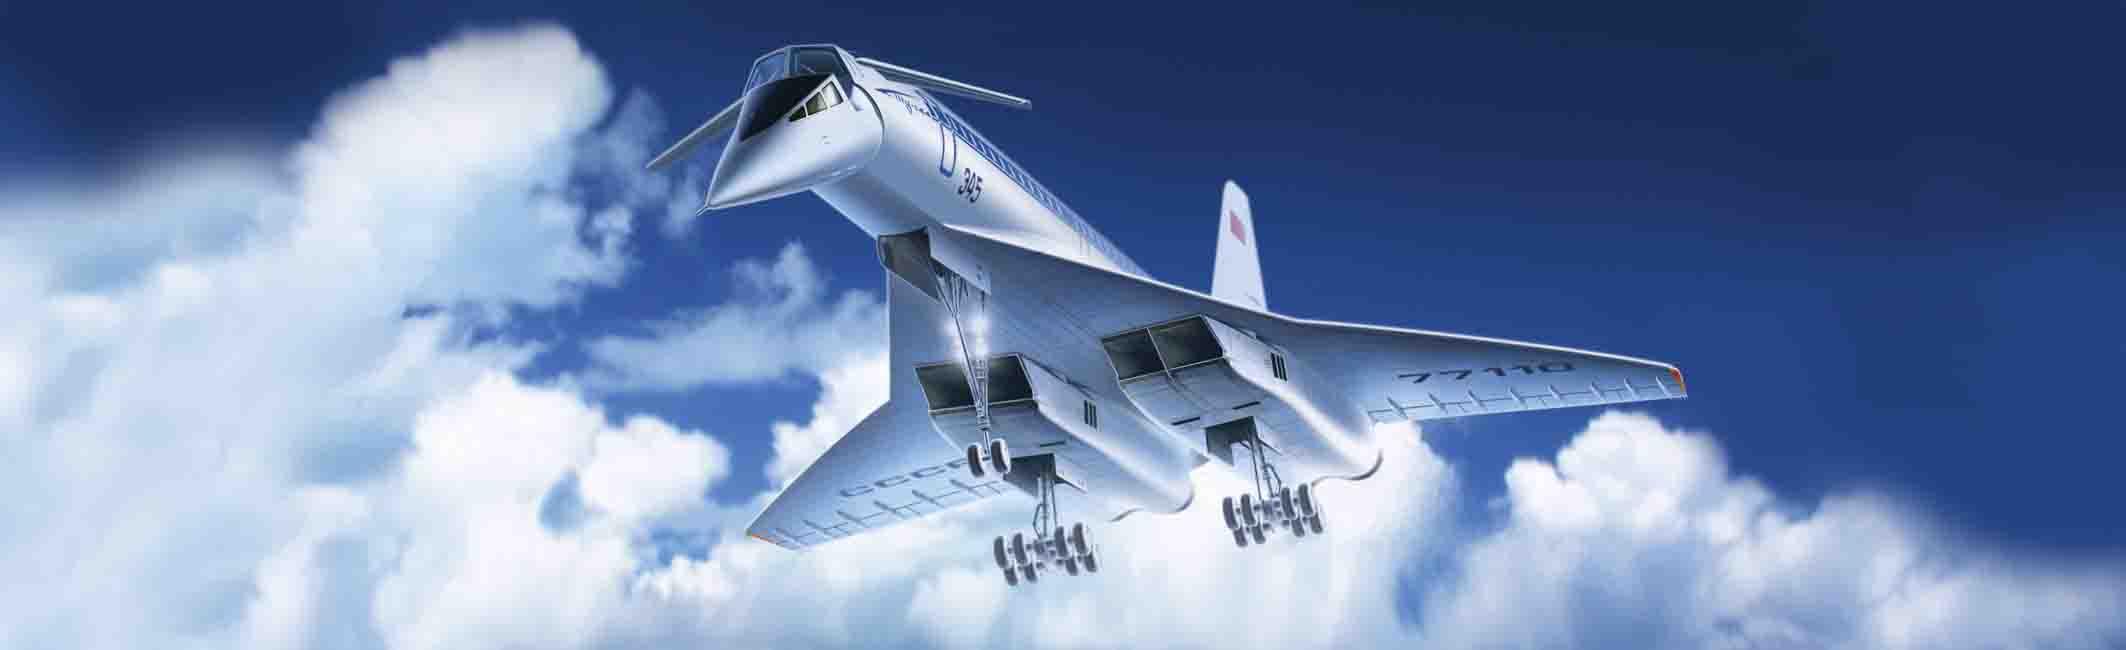 ICM Tupolev-144, Soviet Supersonic Passenger Aircraft